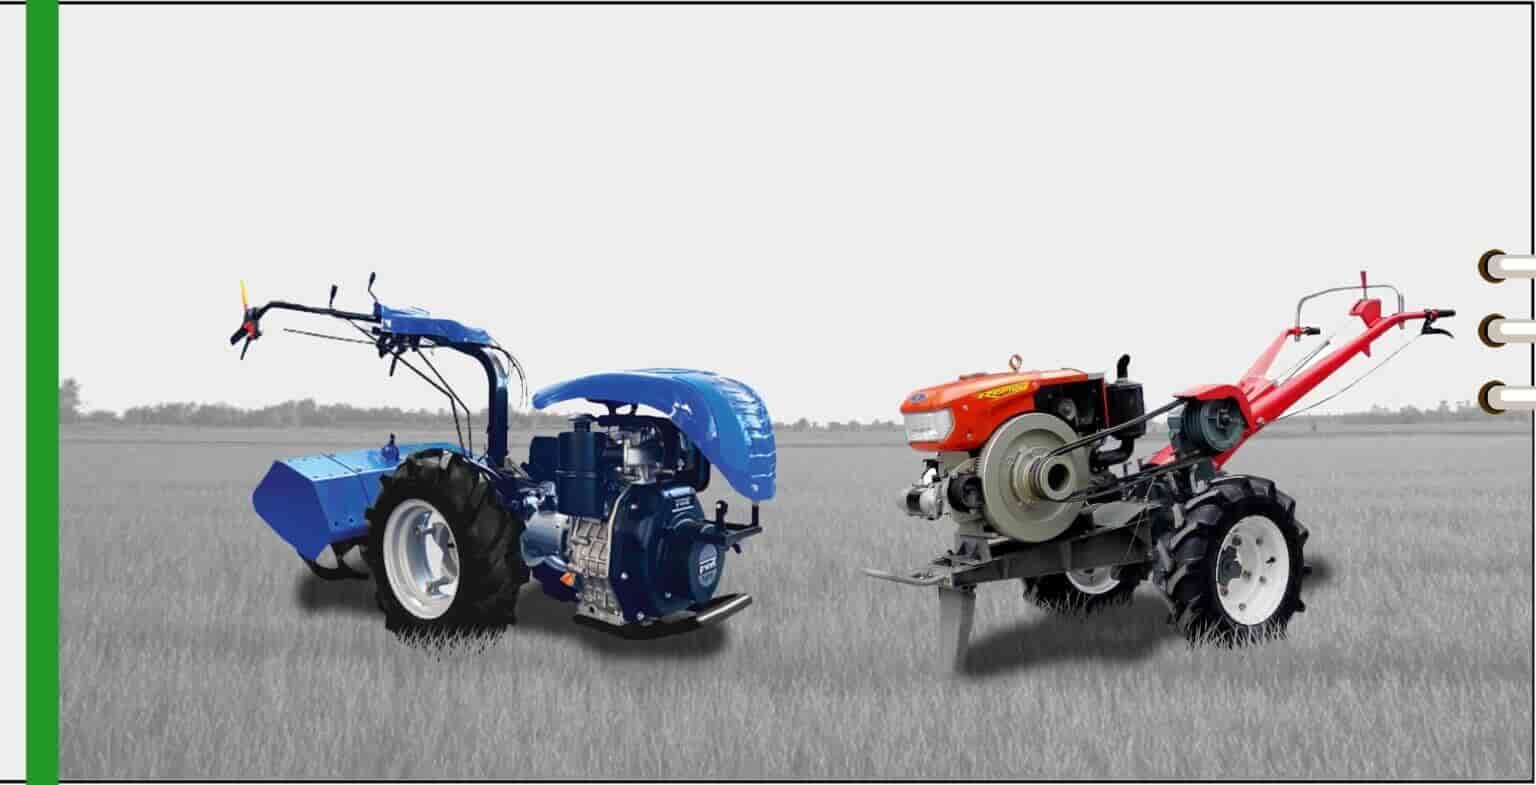 بنر اول صفحه اصلی قسمت ماشین آلات و ادوات کشاورزی